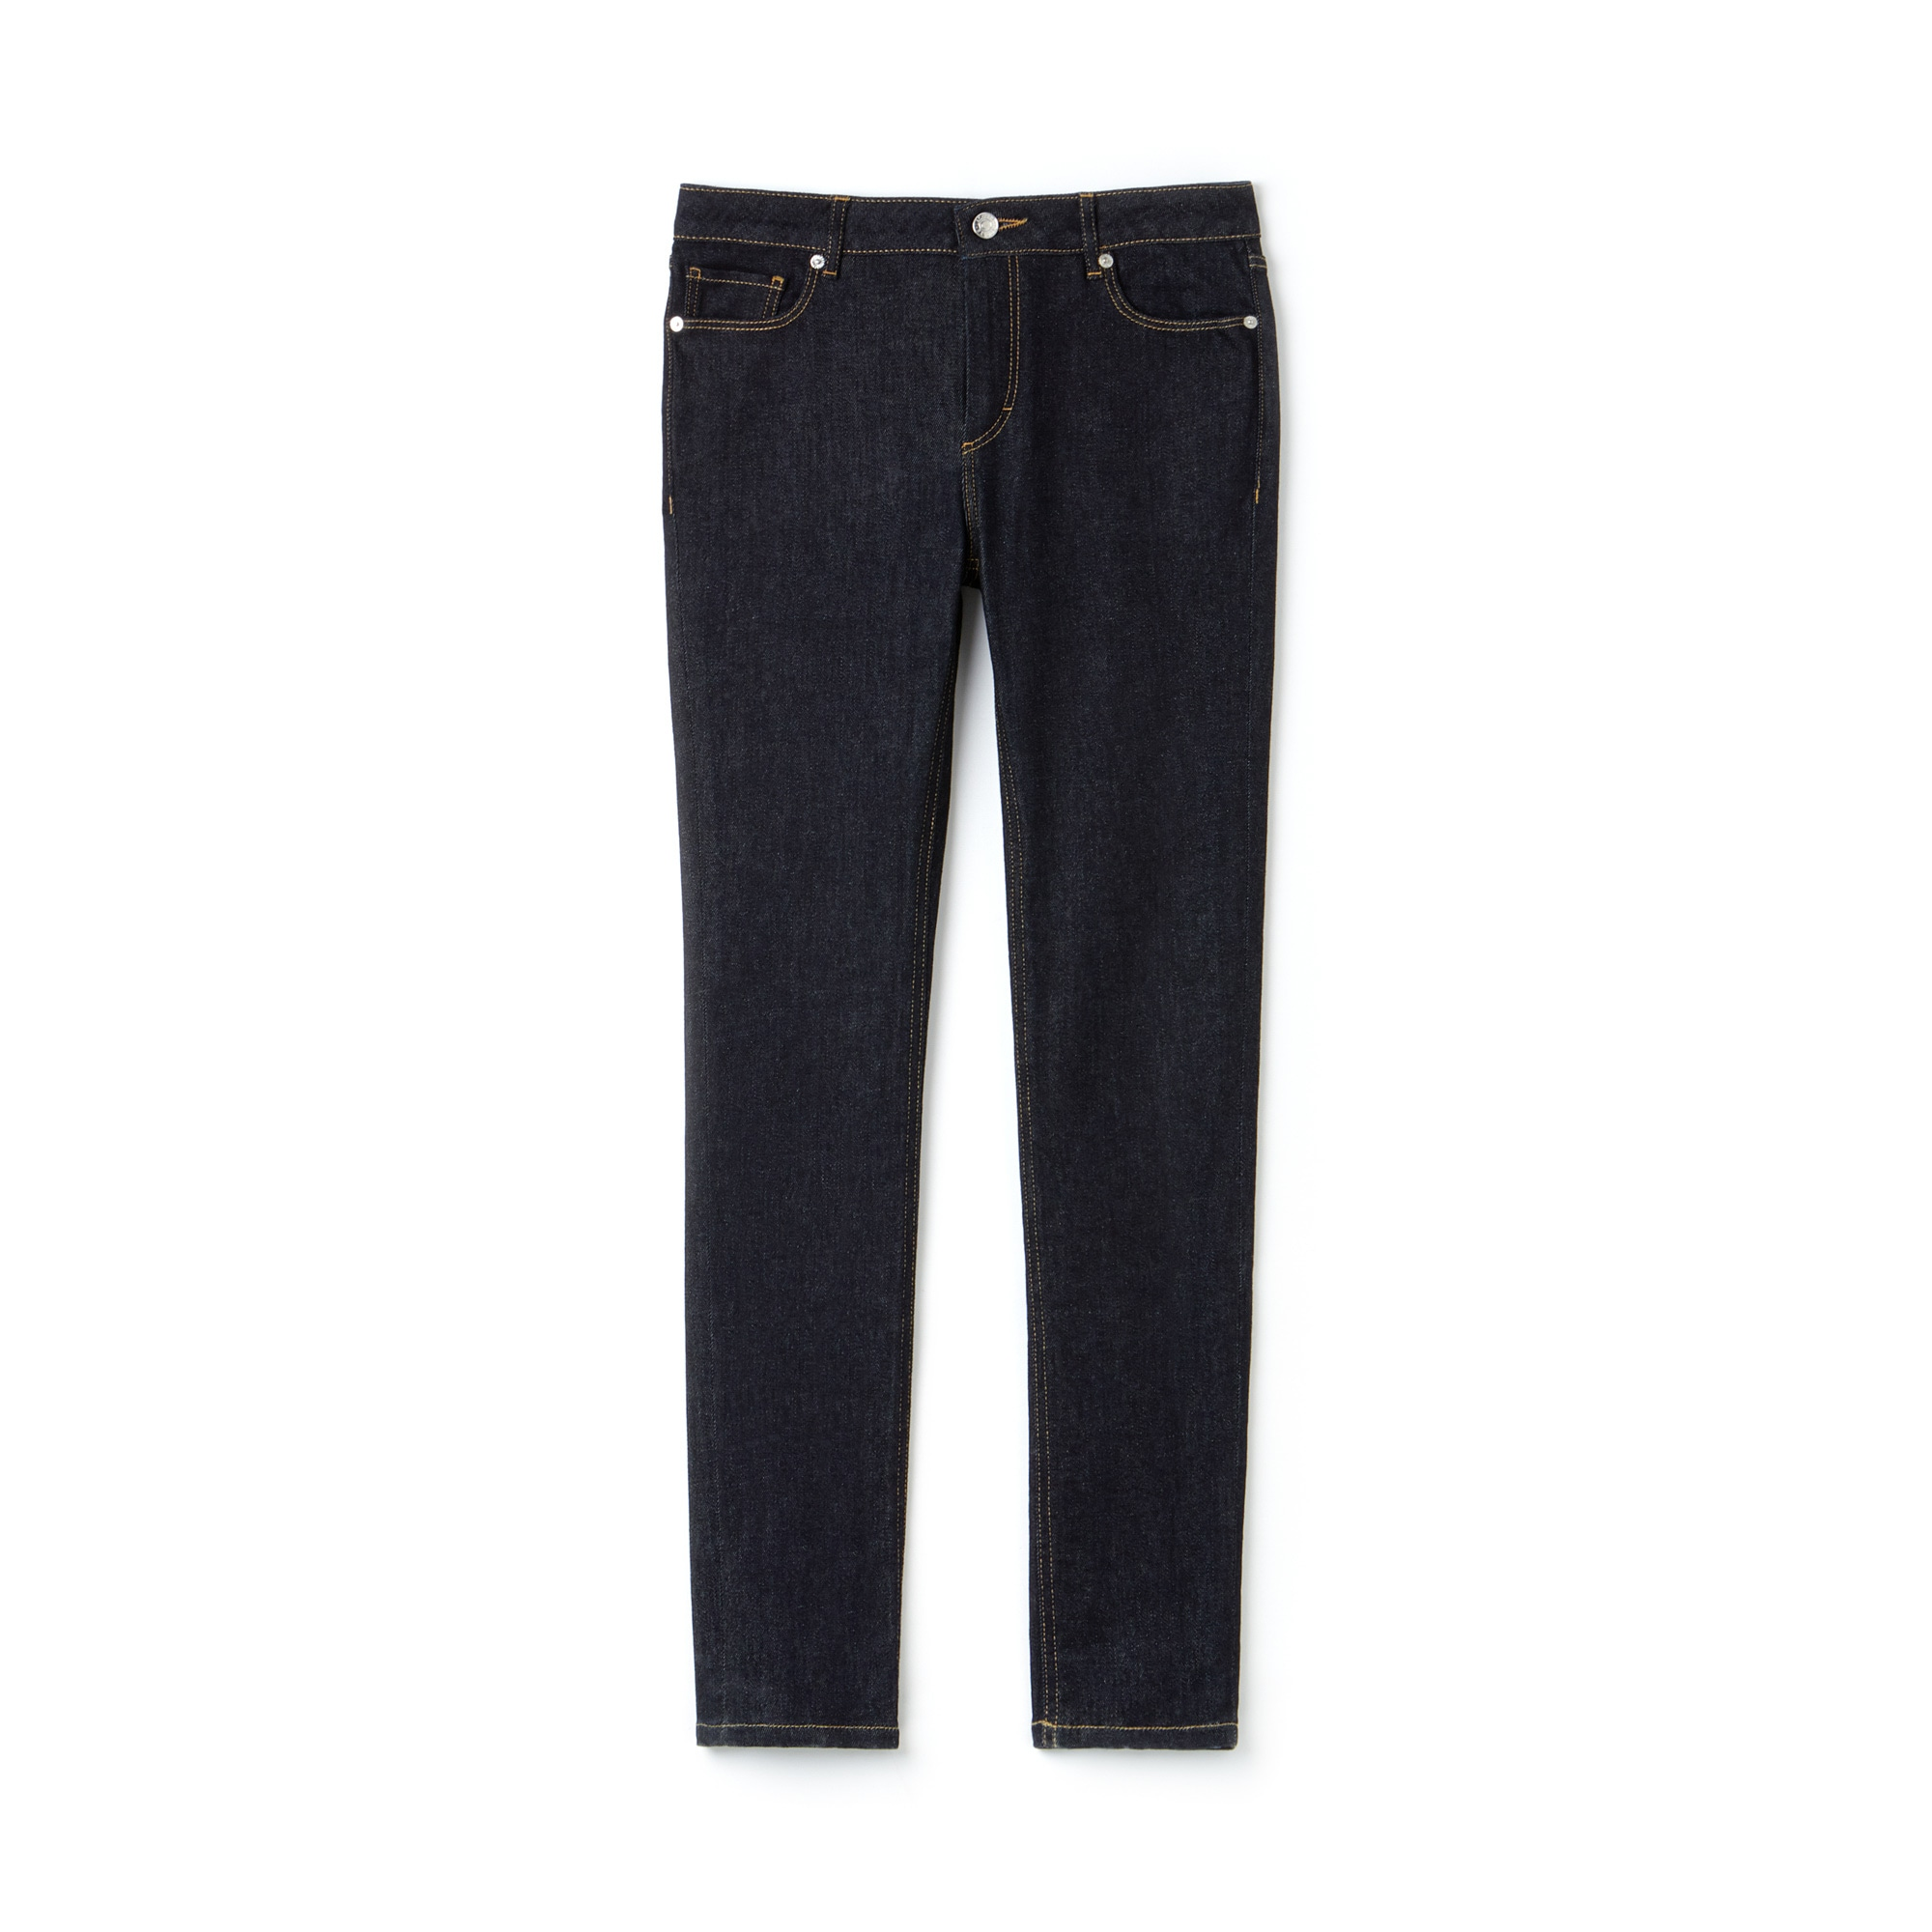 Jean slim fit en denim de coton stretch uni